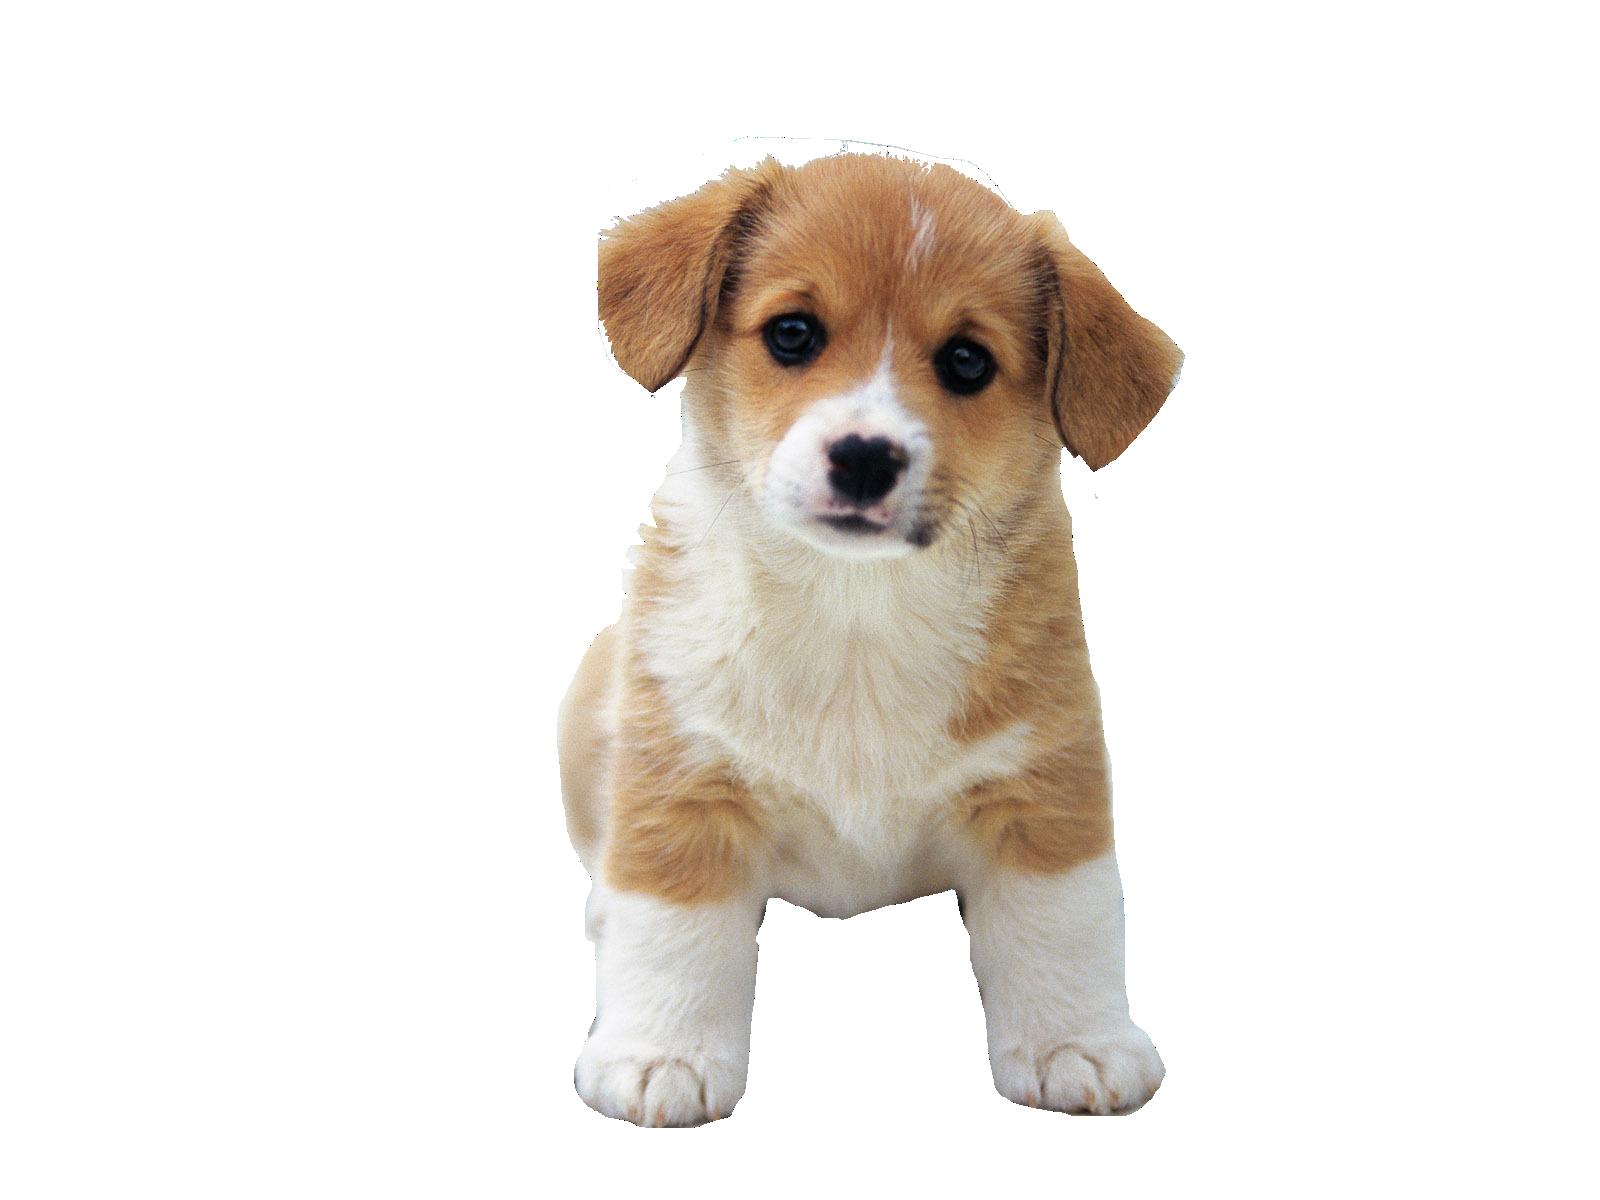 image puppies transparent cute #101824899